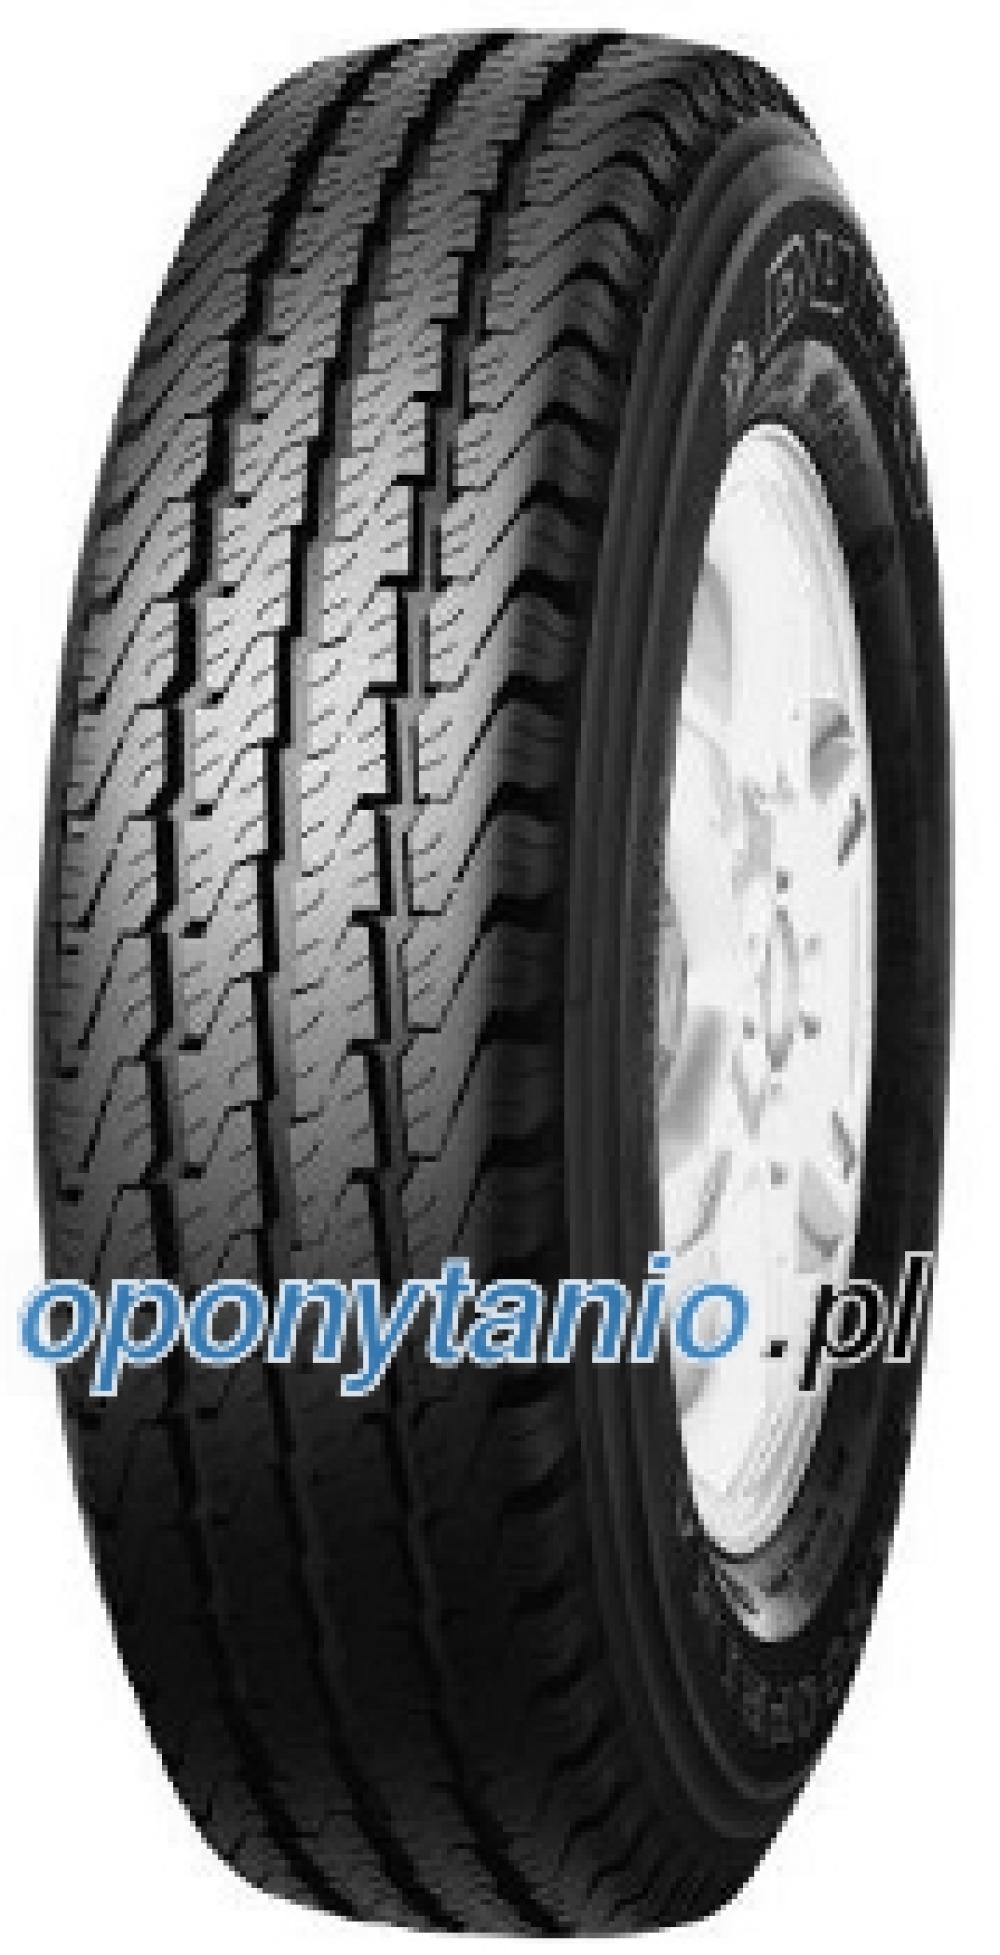 Duro Dc7210 21570 R15c 109107r Oponytaniopl